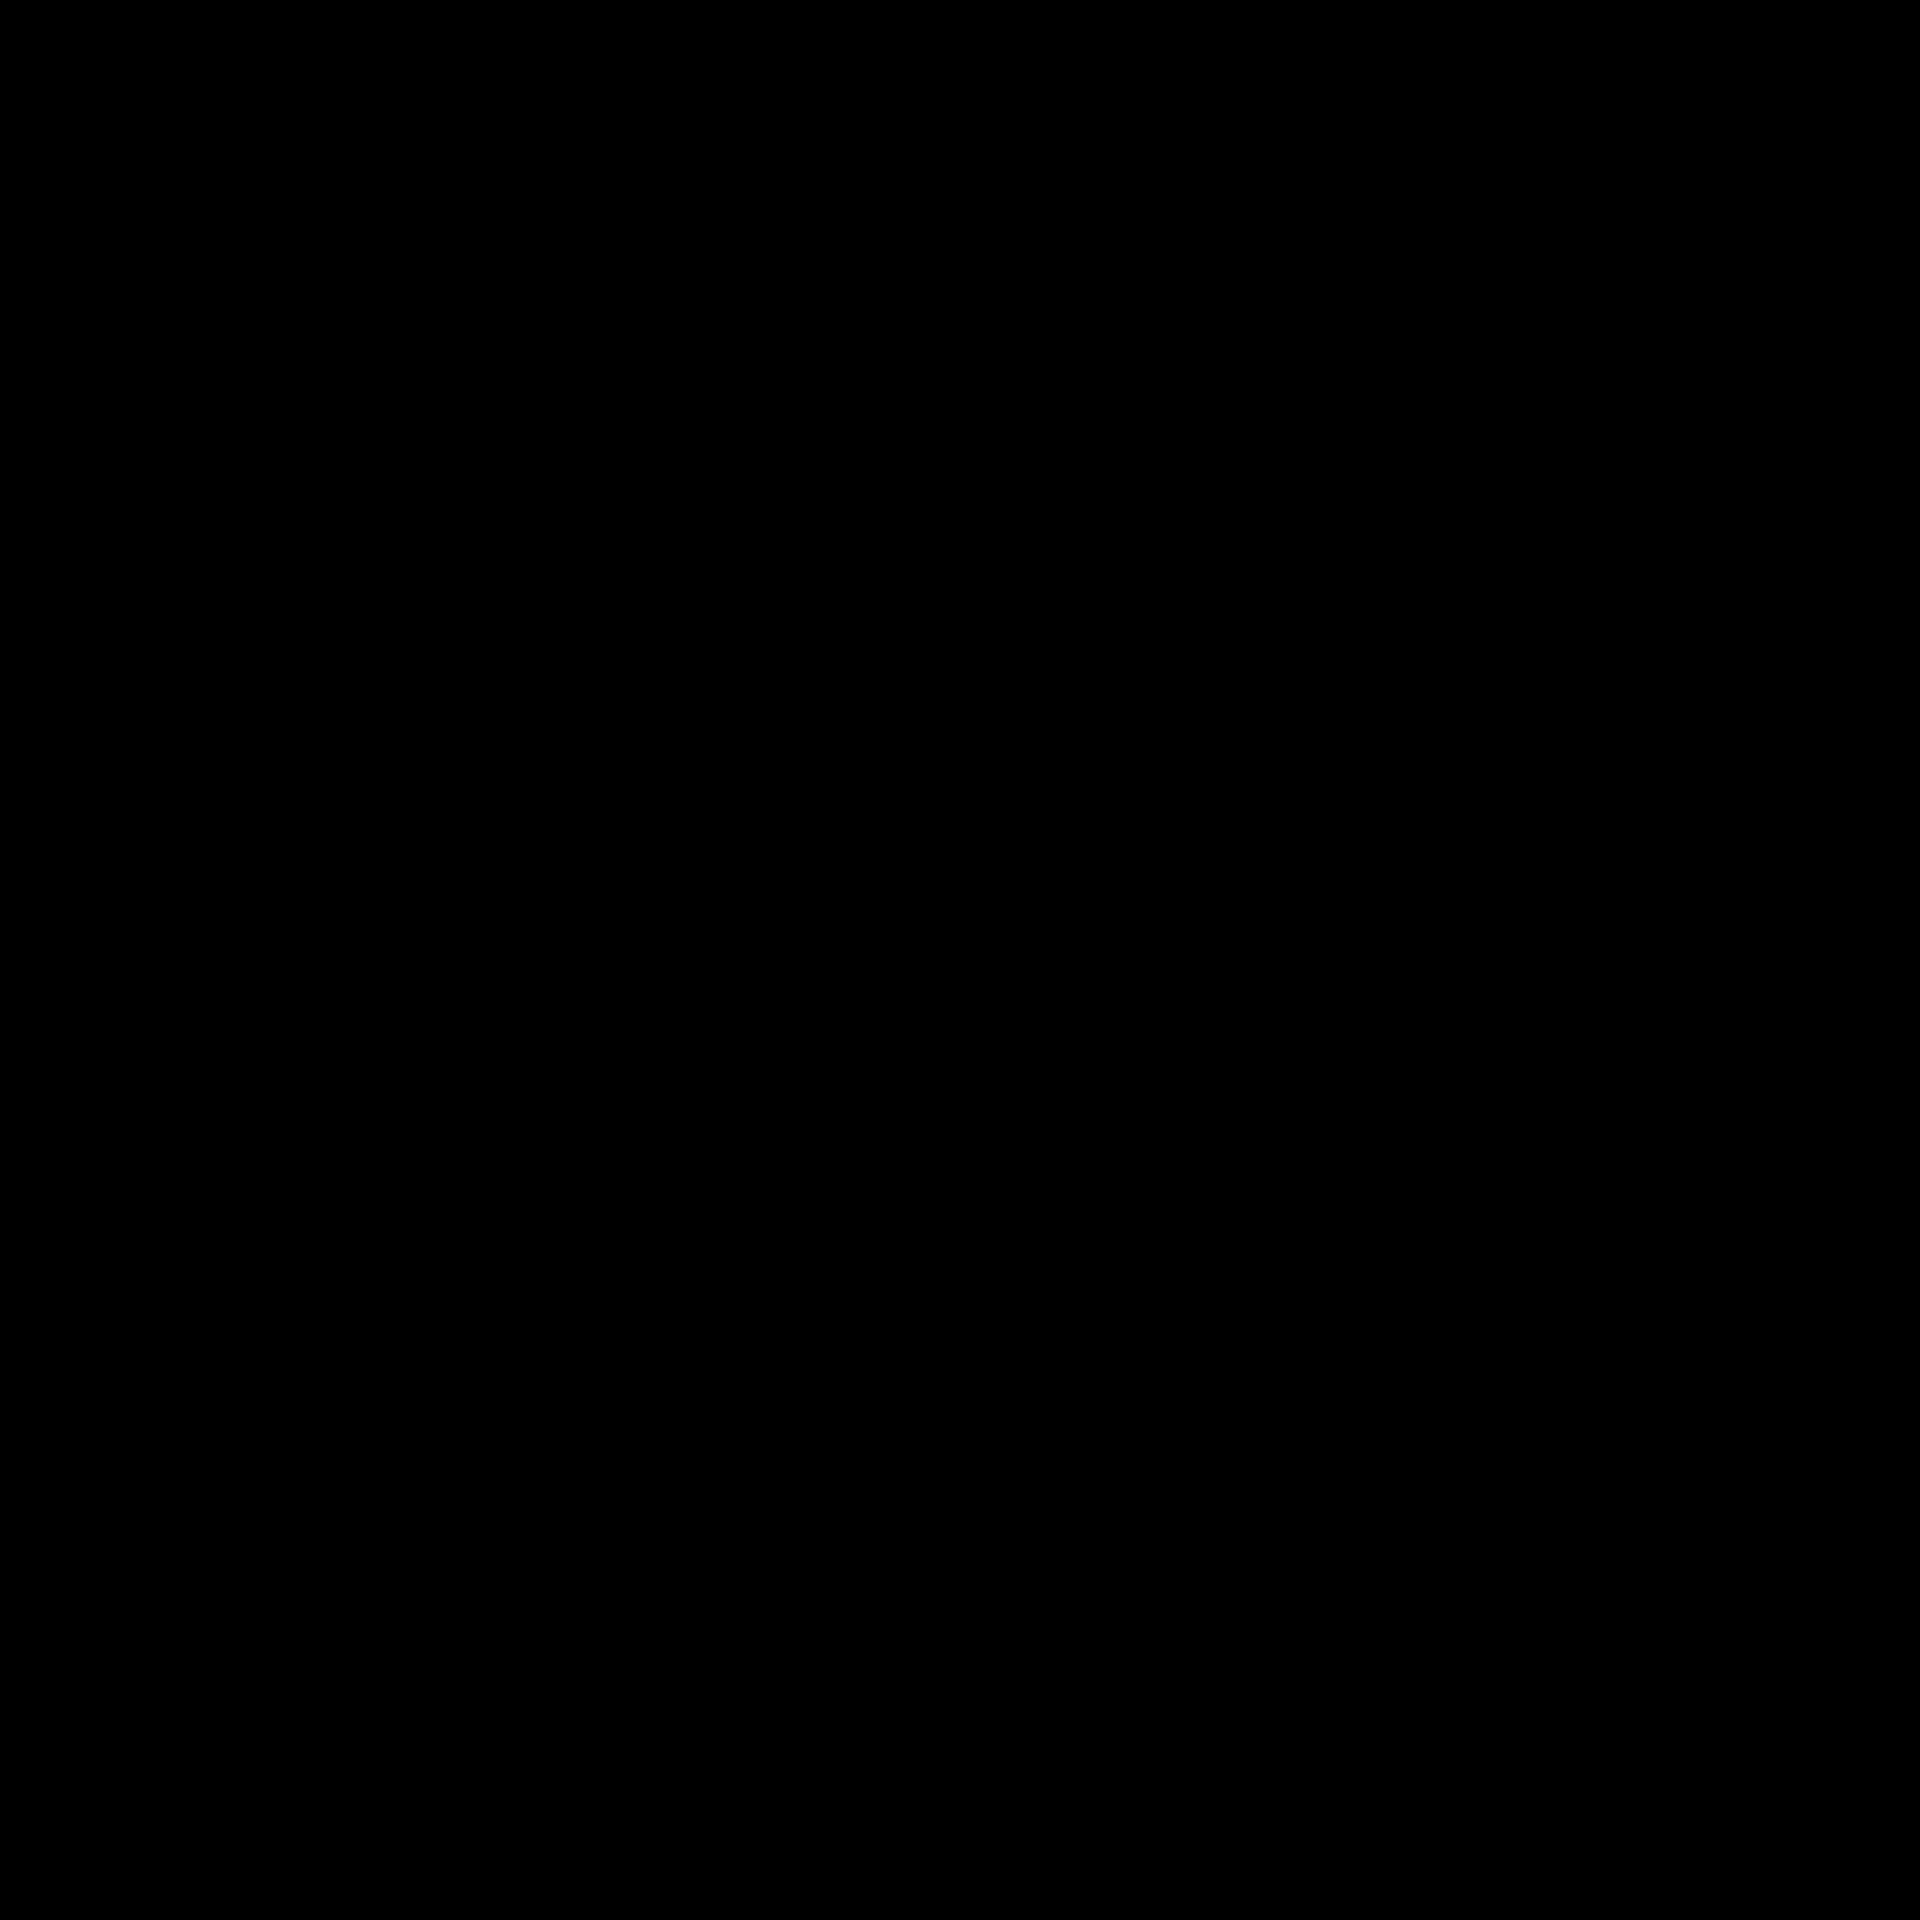 man-2399982_1920